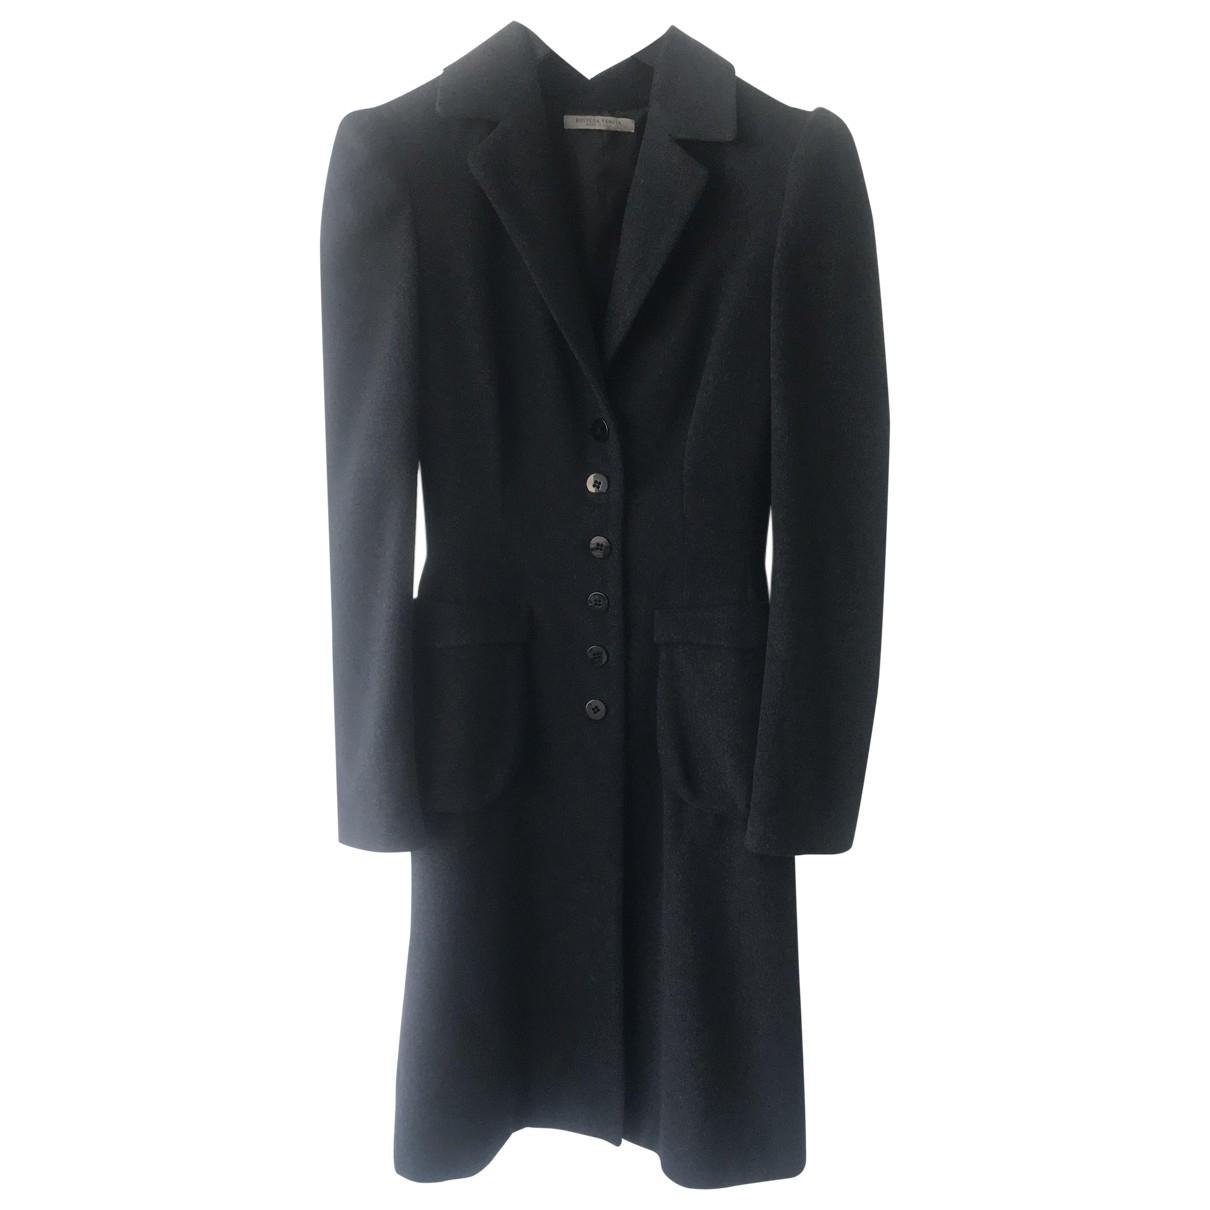 Bottega Veneta - Manteau   pour femme en laine - gris